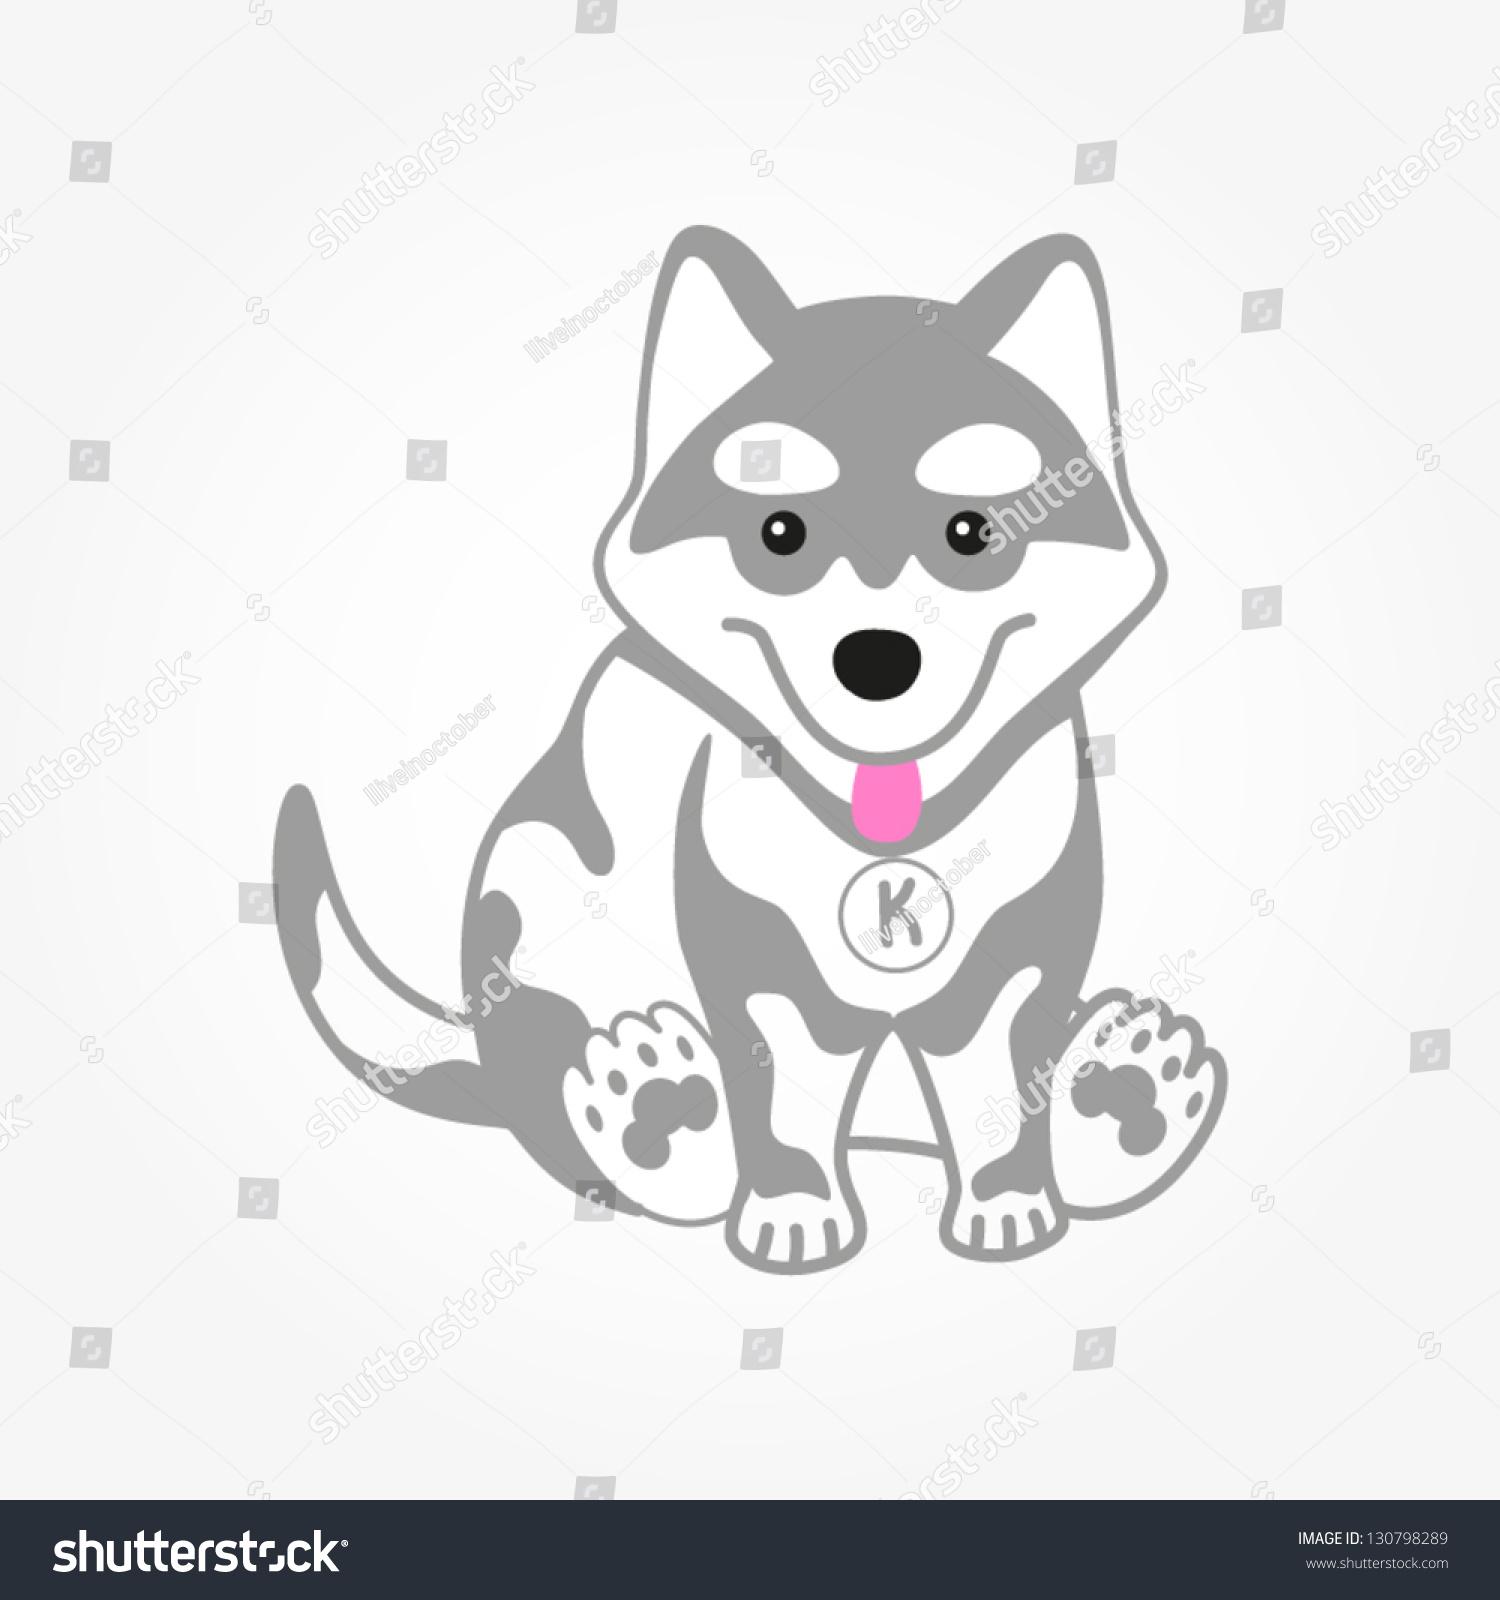 可爱的哈士奇小狗插画矢量图.白色的狗.-动物/野生